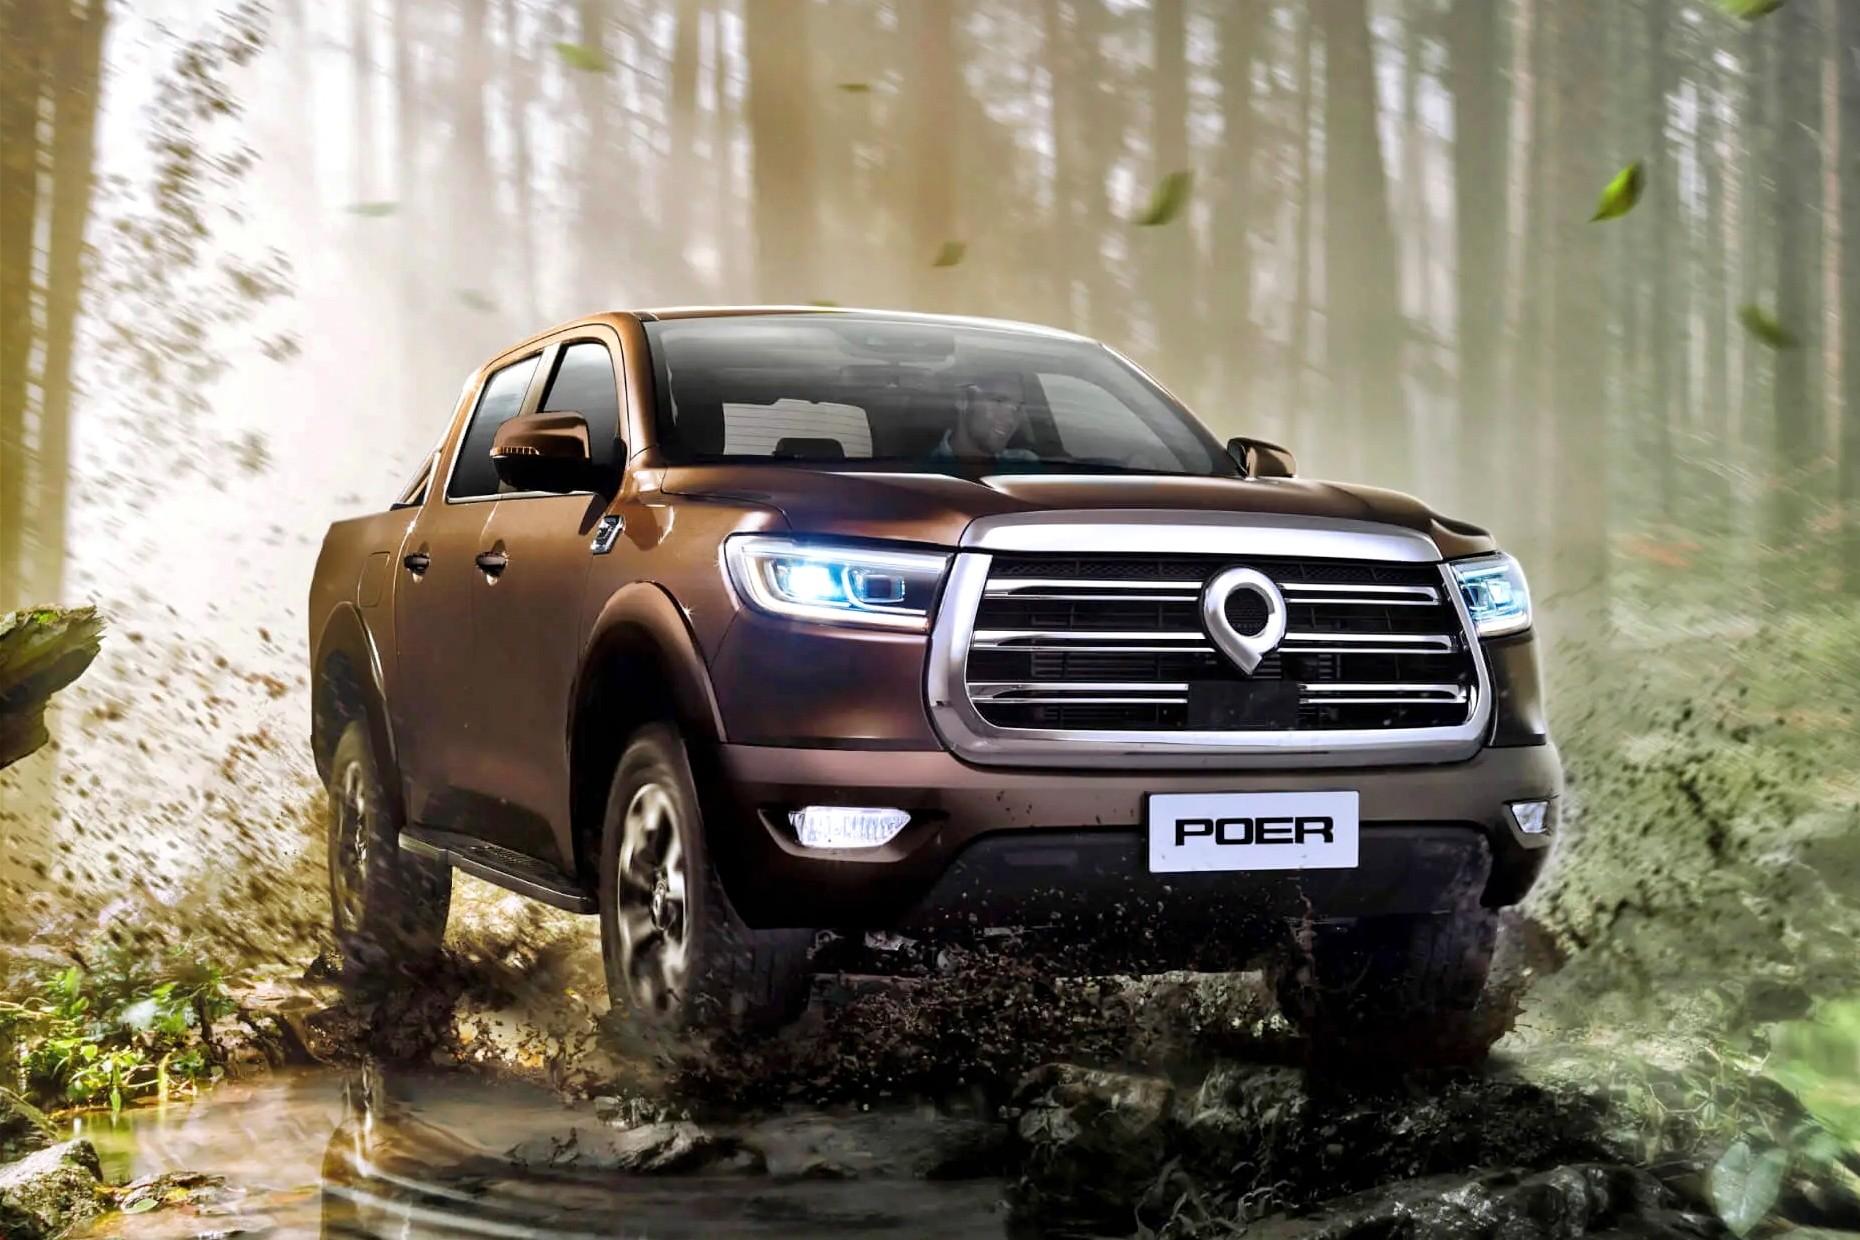 В РФ стартовали продажи пикапа Great Wall Poer: дизель, «автомат» и удобный полный привод